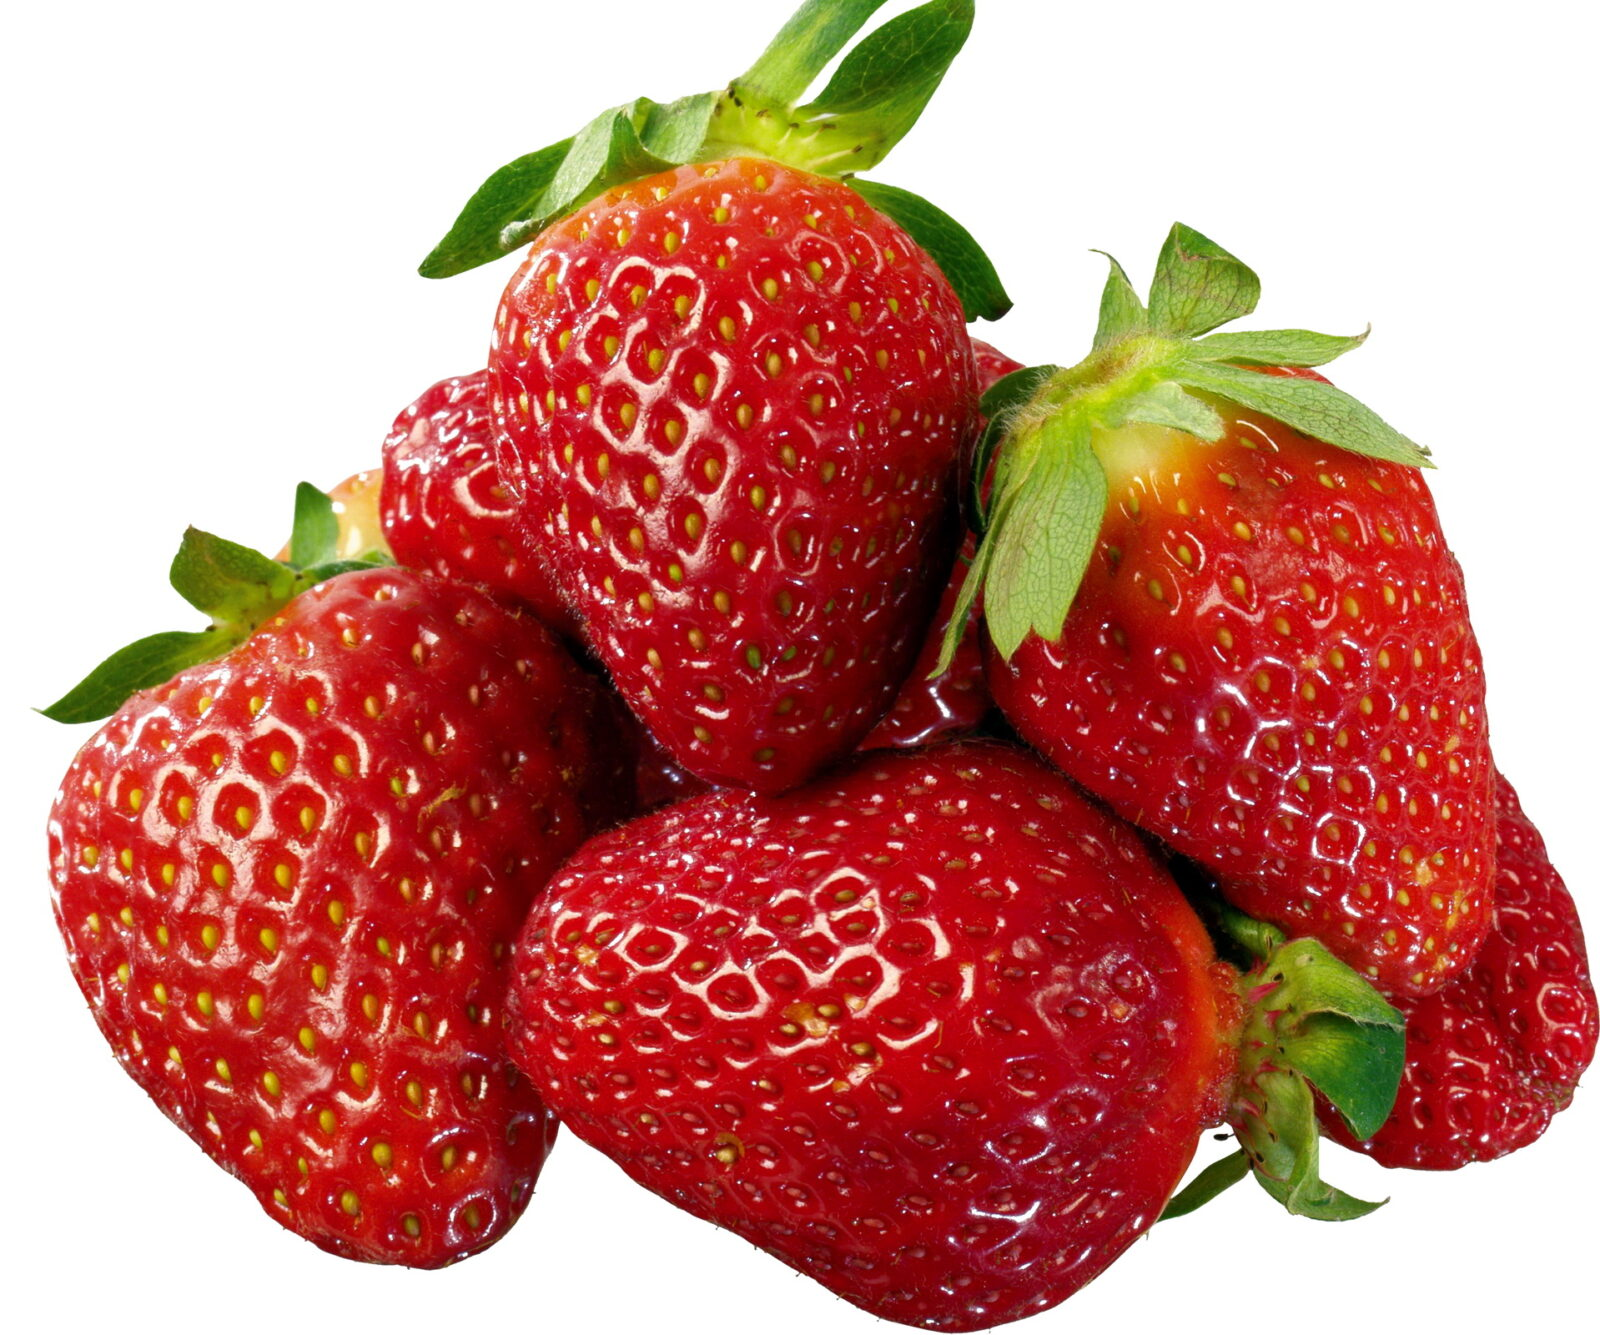 ягода клубника картинка без белого фона